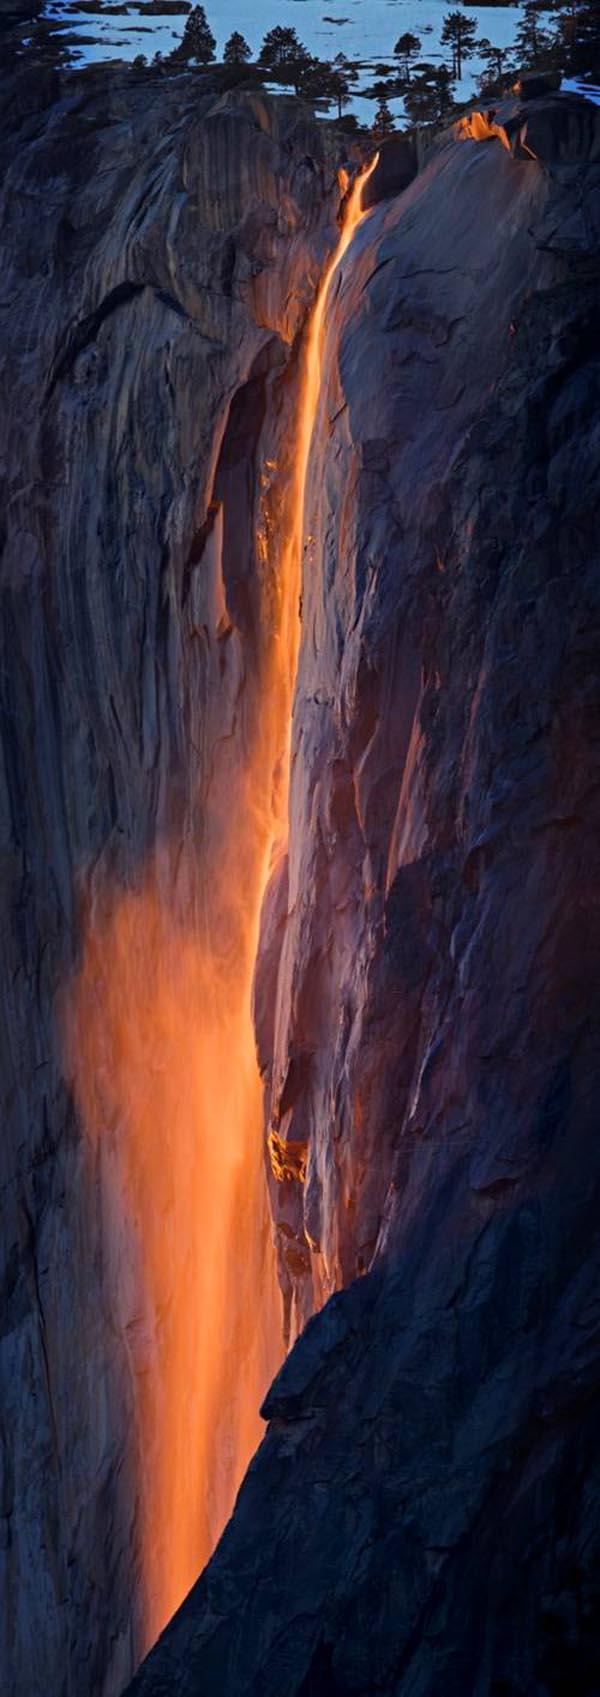 fire falls yosemite